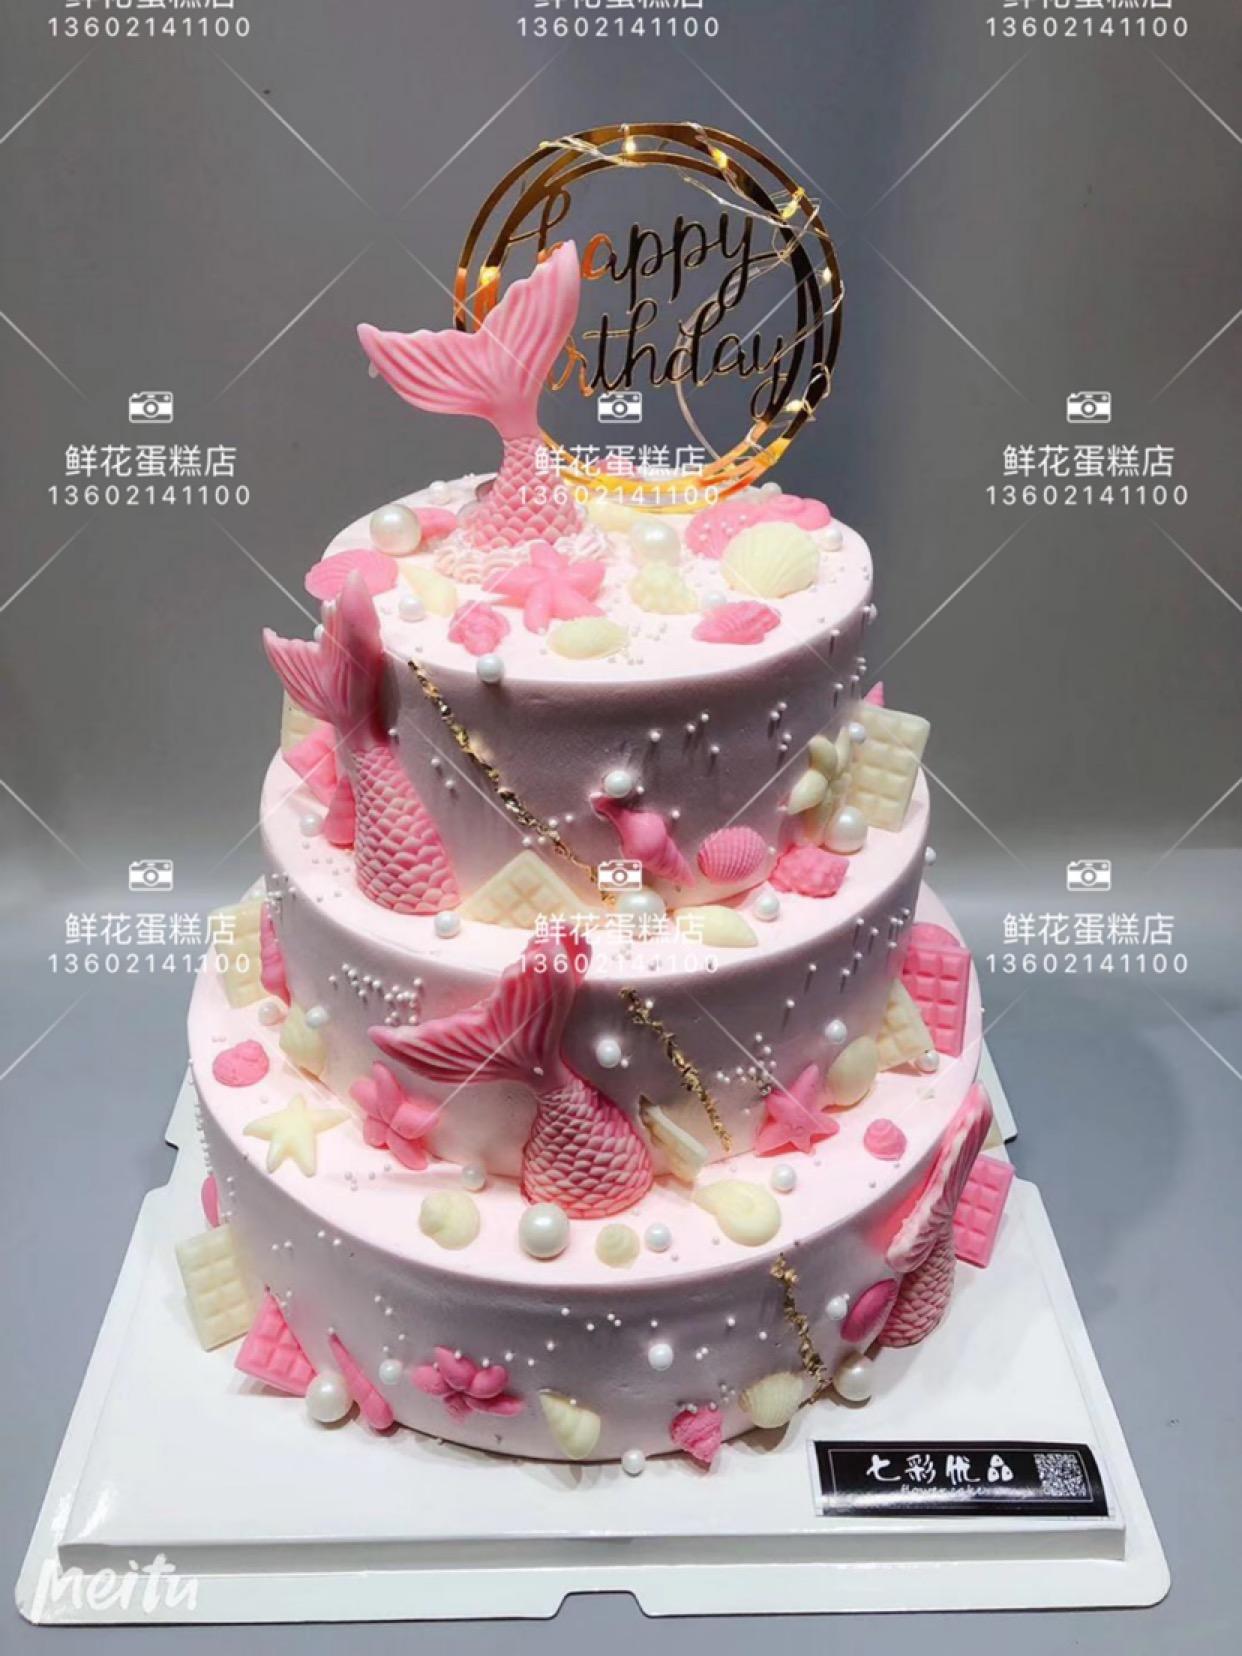 天津南开区福星林西点蛋糕店